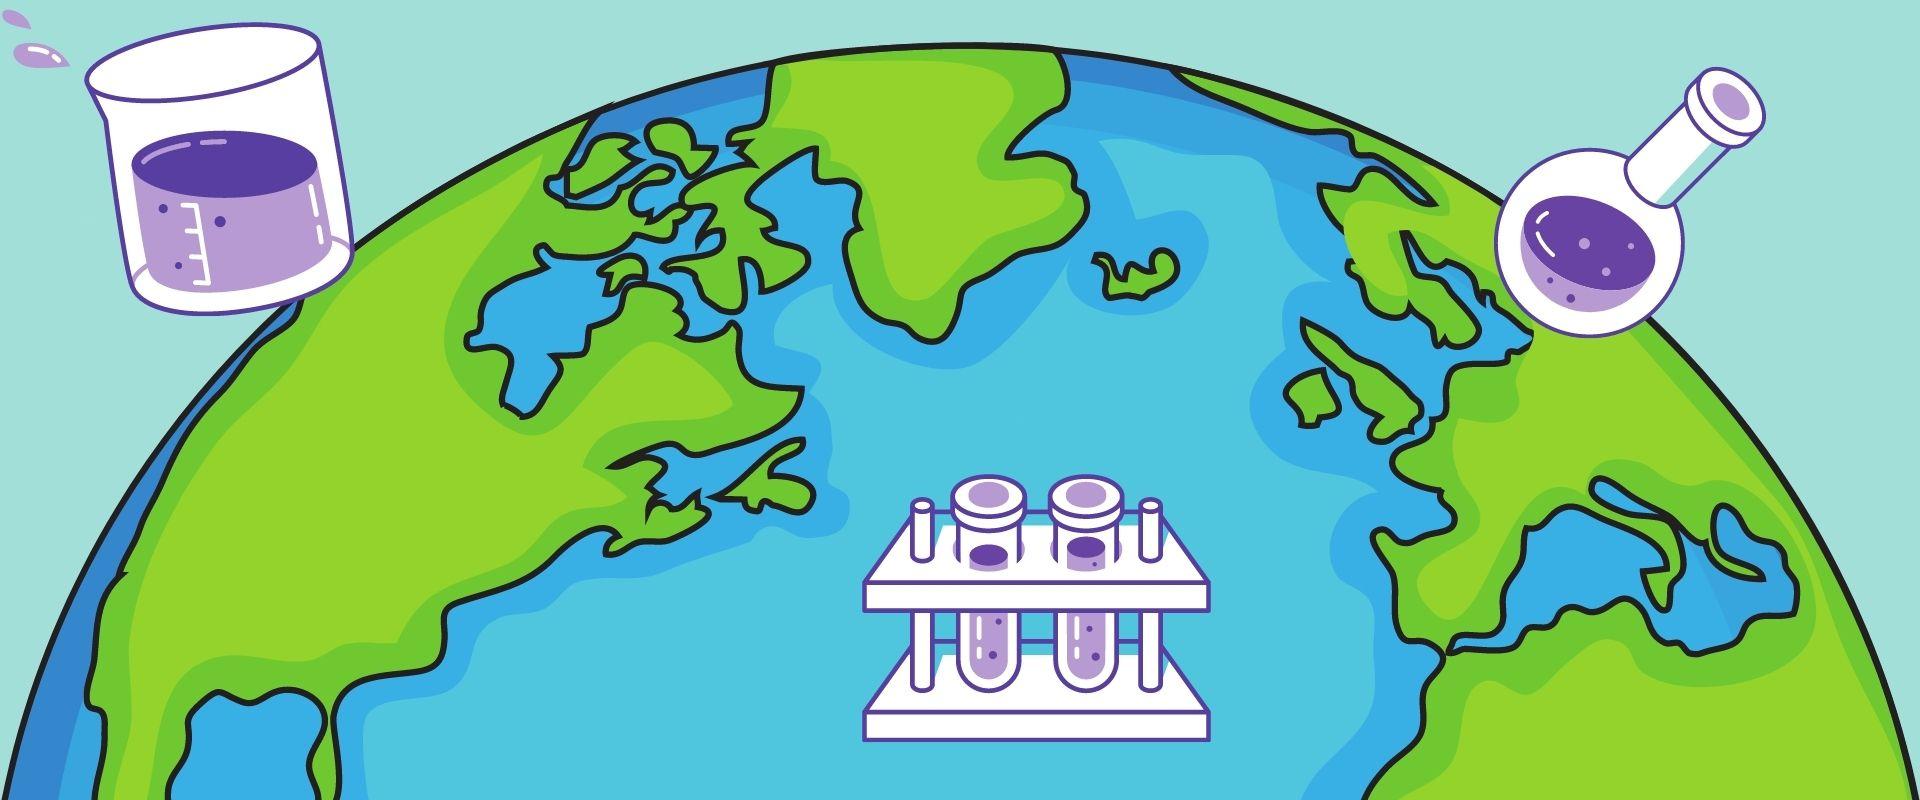 Éghajlatváltozás tudományos kísérletek gyerekeknek